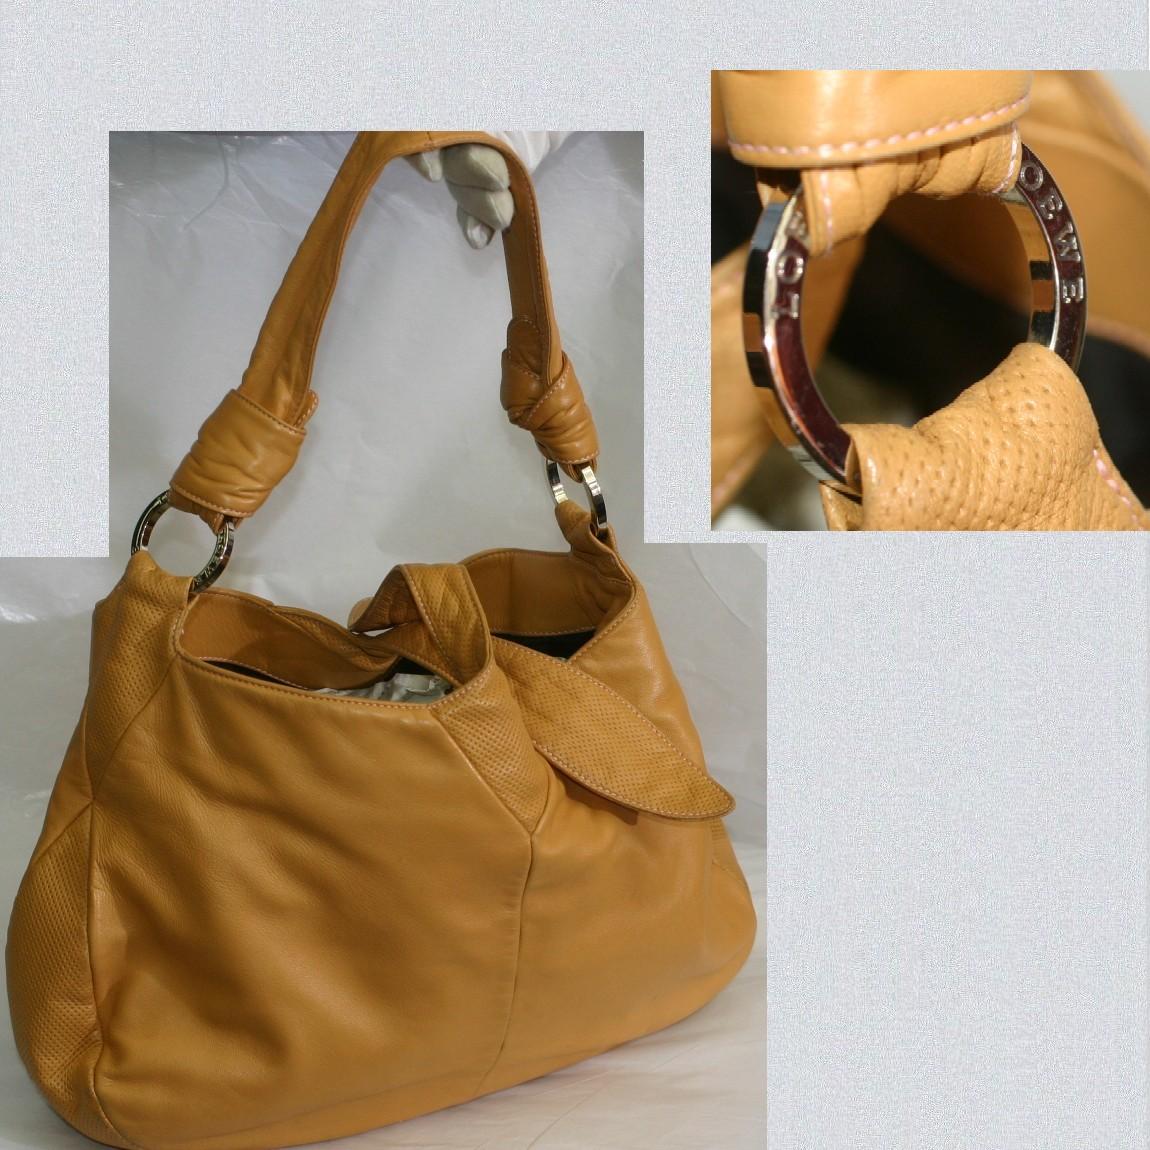 【中古】本物可ロエベ女性用キャメル色柔らかいナッパ素材ショルダーバッグ サイズW34H23D8,5cm